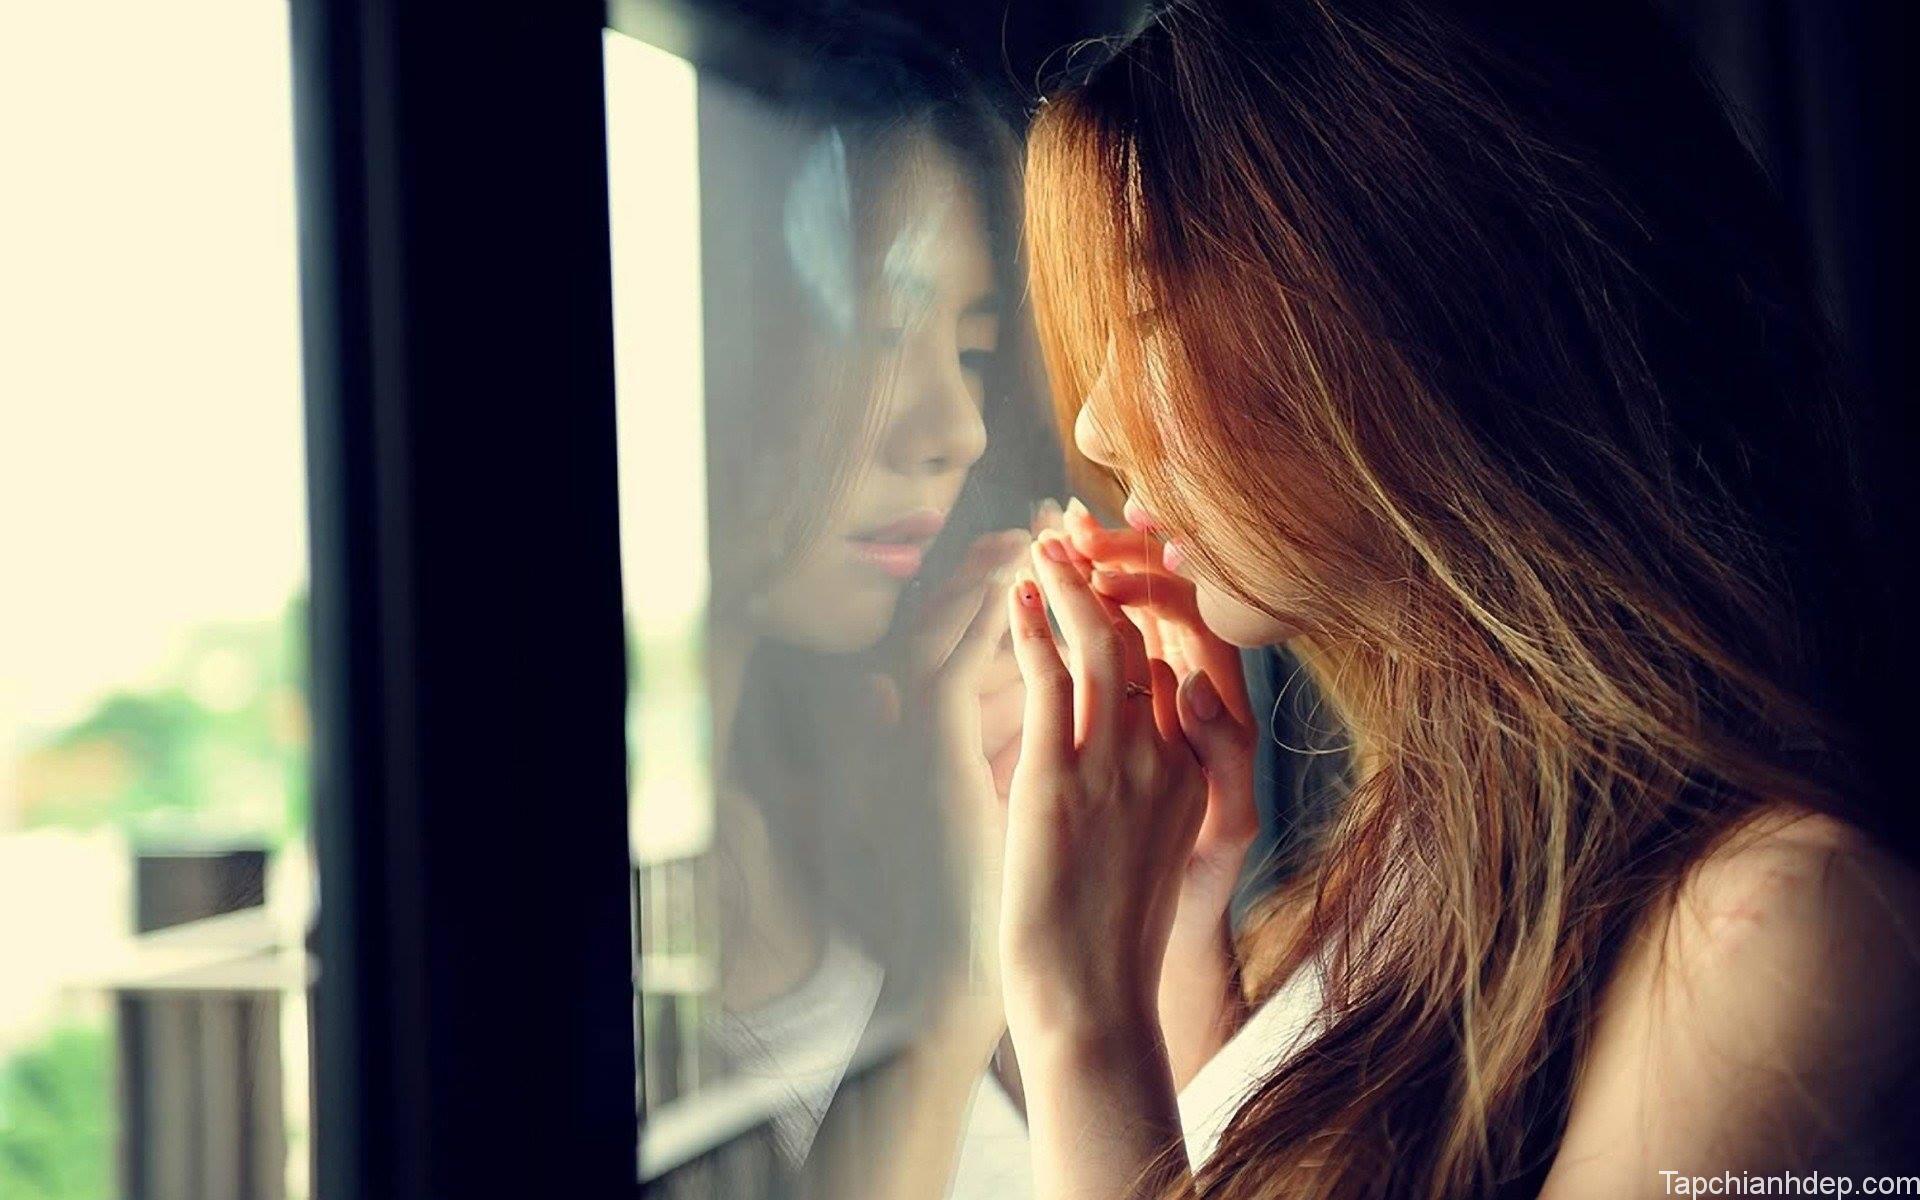 Bộ Hình Ảnh Avatar Tâm Trạng Buồn Cô Đơn Trong Tình Yêu